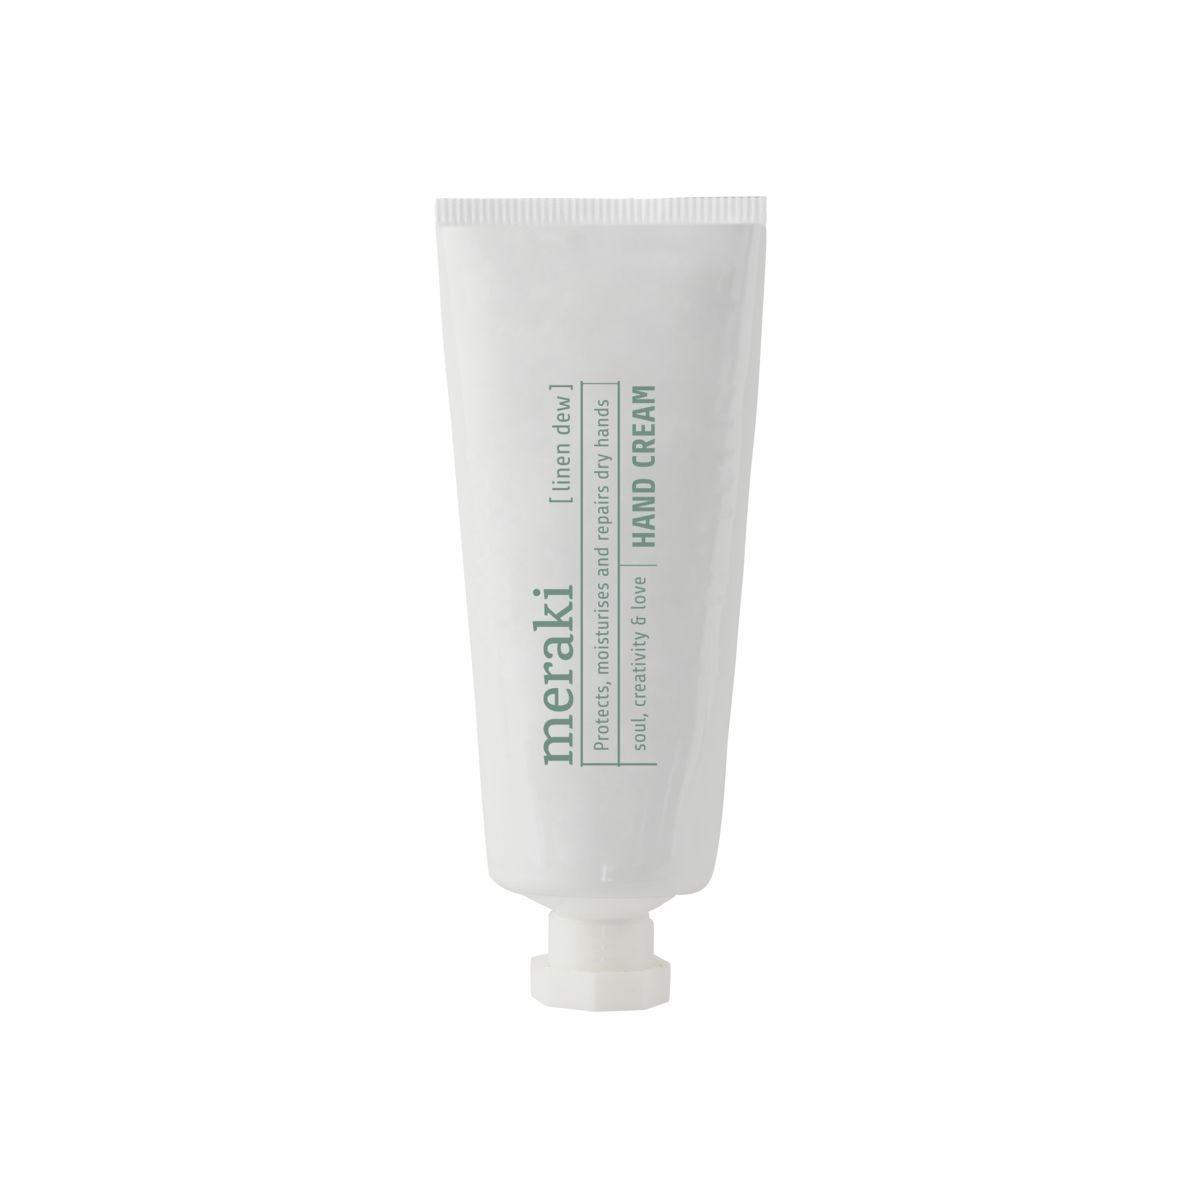 meraki Krém na ruce Linen dew 50 ml, bílá barva, plast